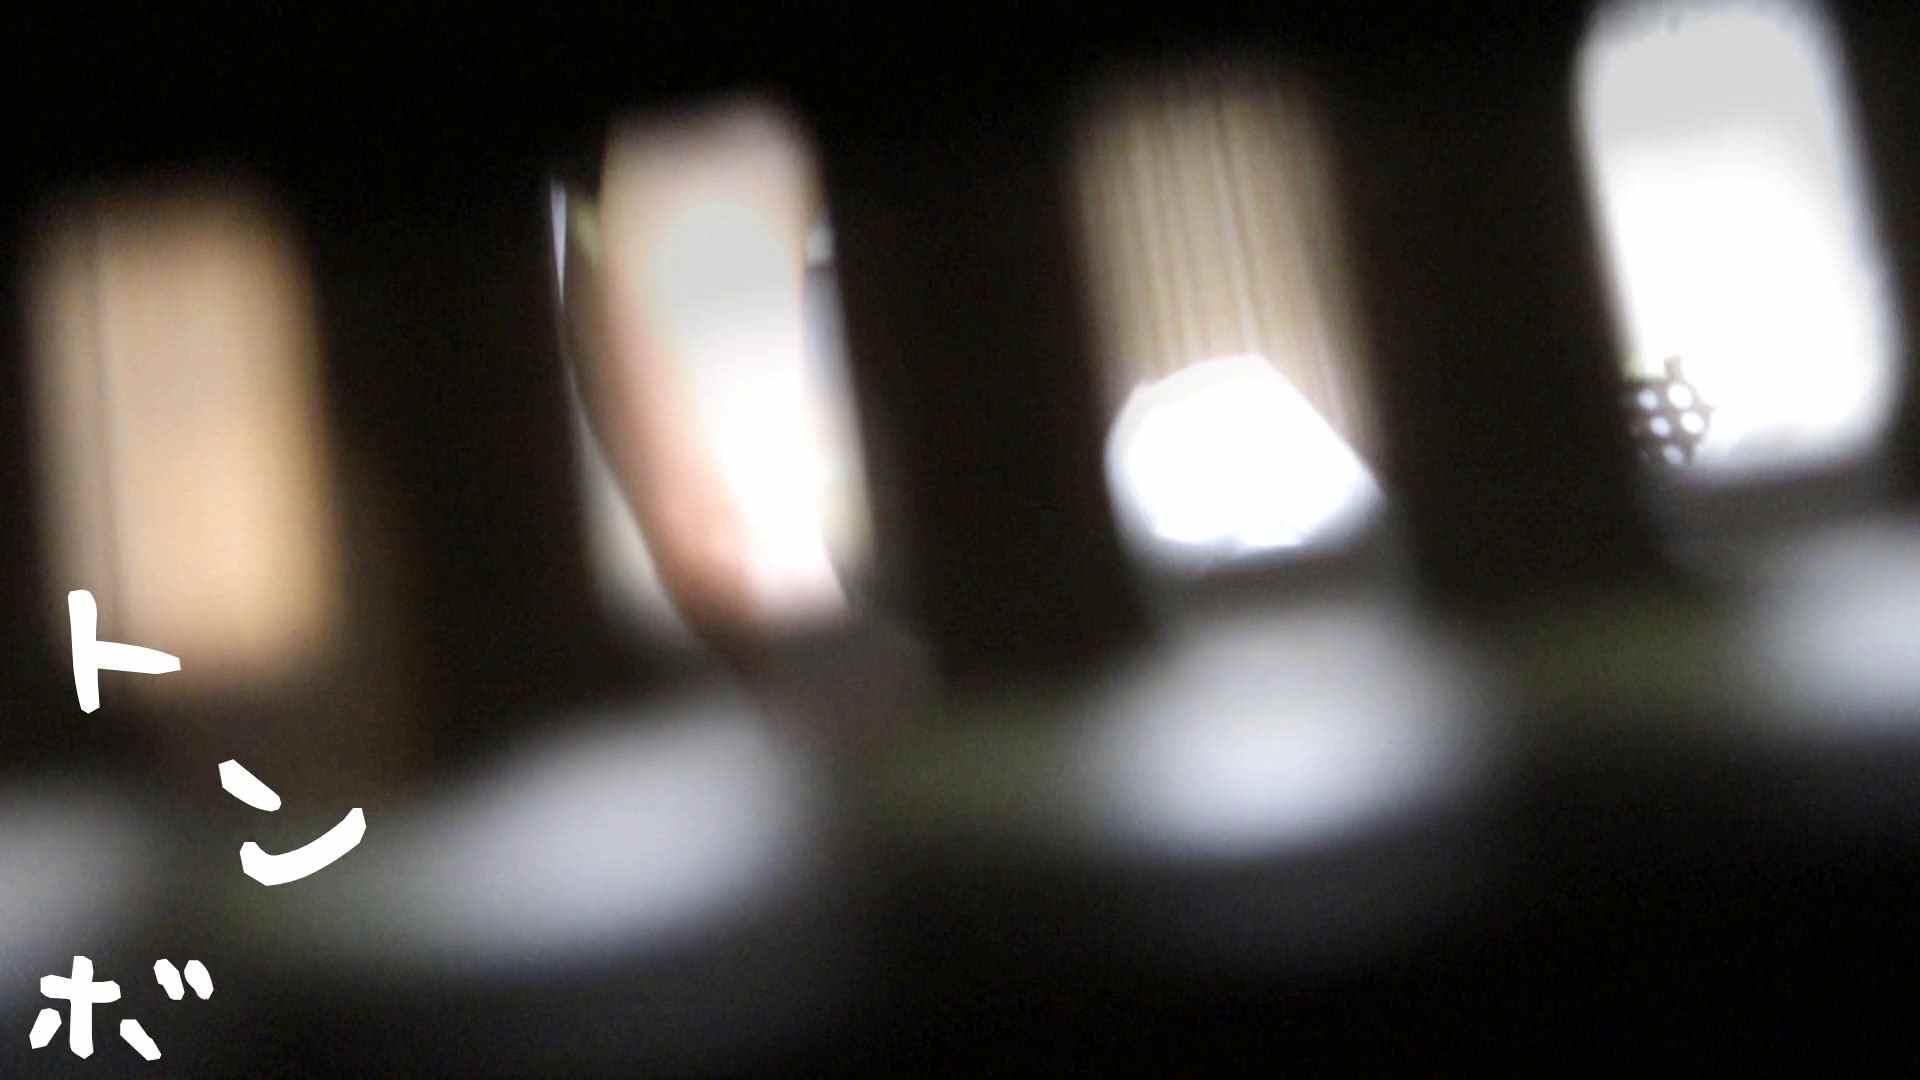 リアル盗撮 現役女子大生の私生活2 美肌 おまんこ動画流出 105画像 99